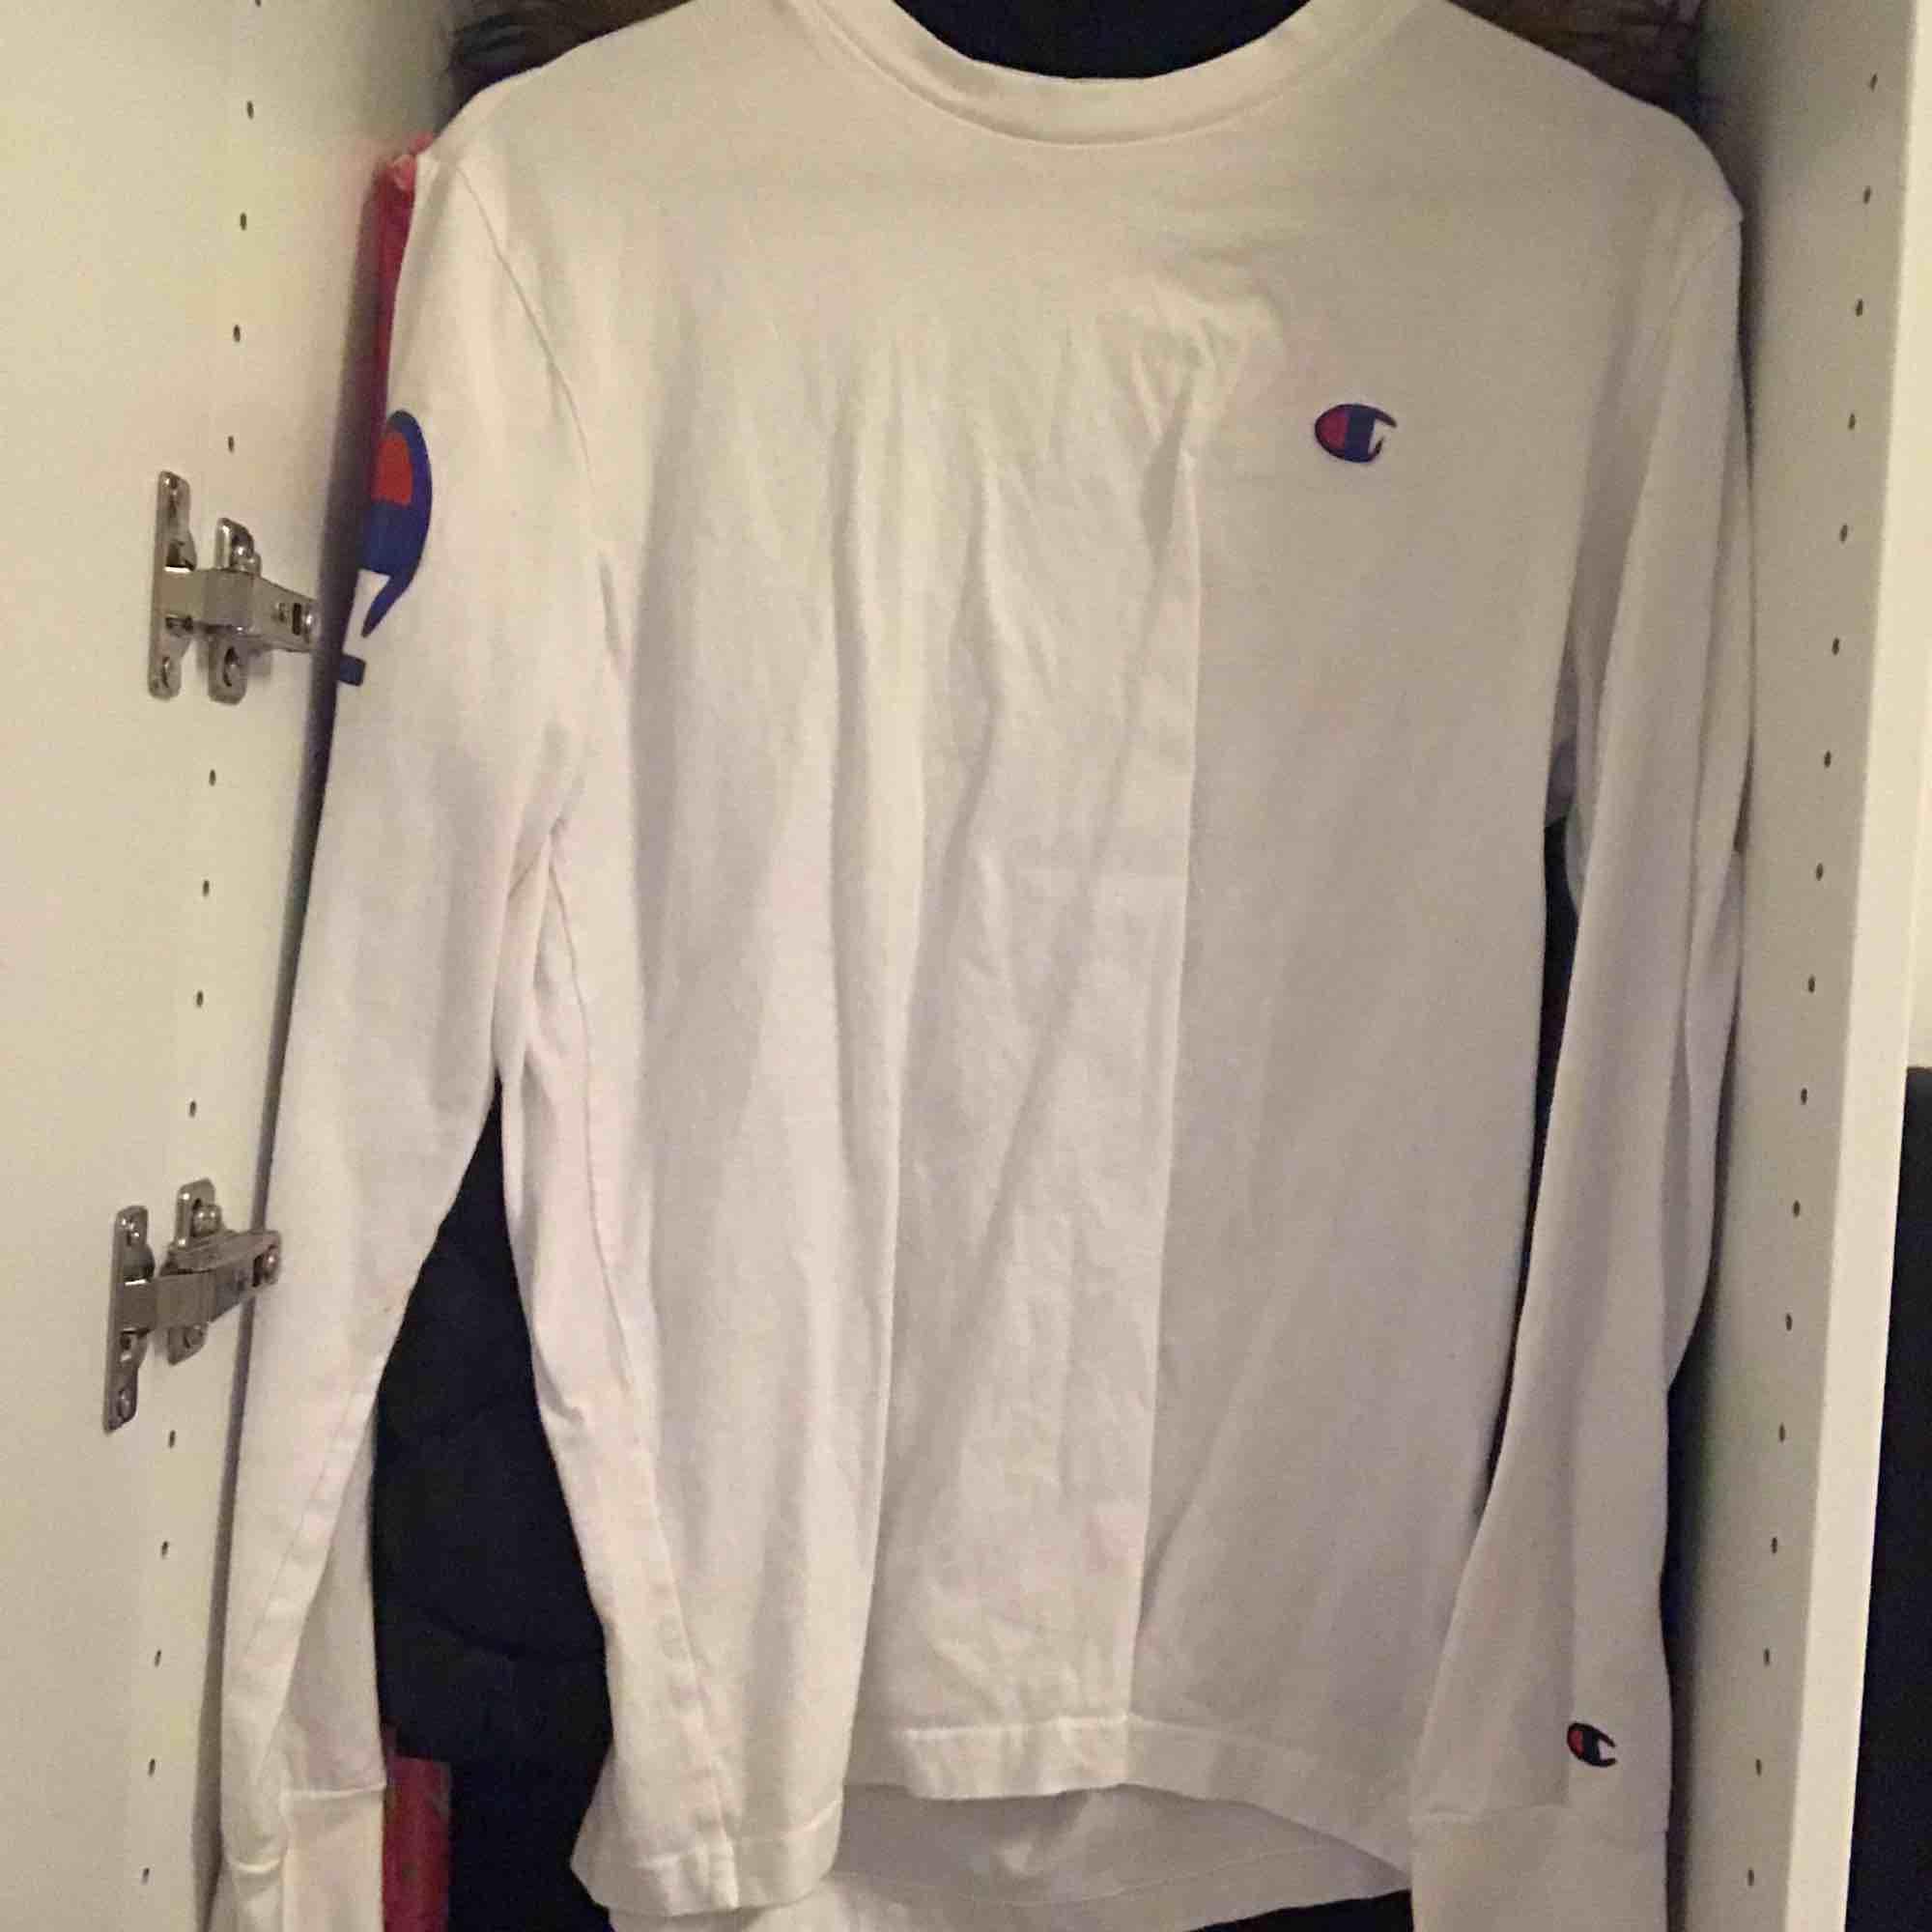 Helt nytt skick! Andvänd få gånger. Priset kan säljas vid snabb affär!. T-shirts.